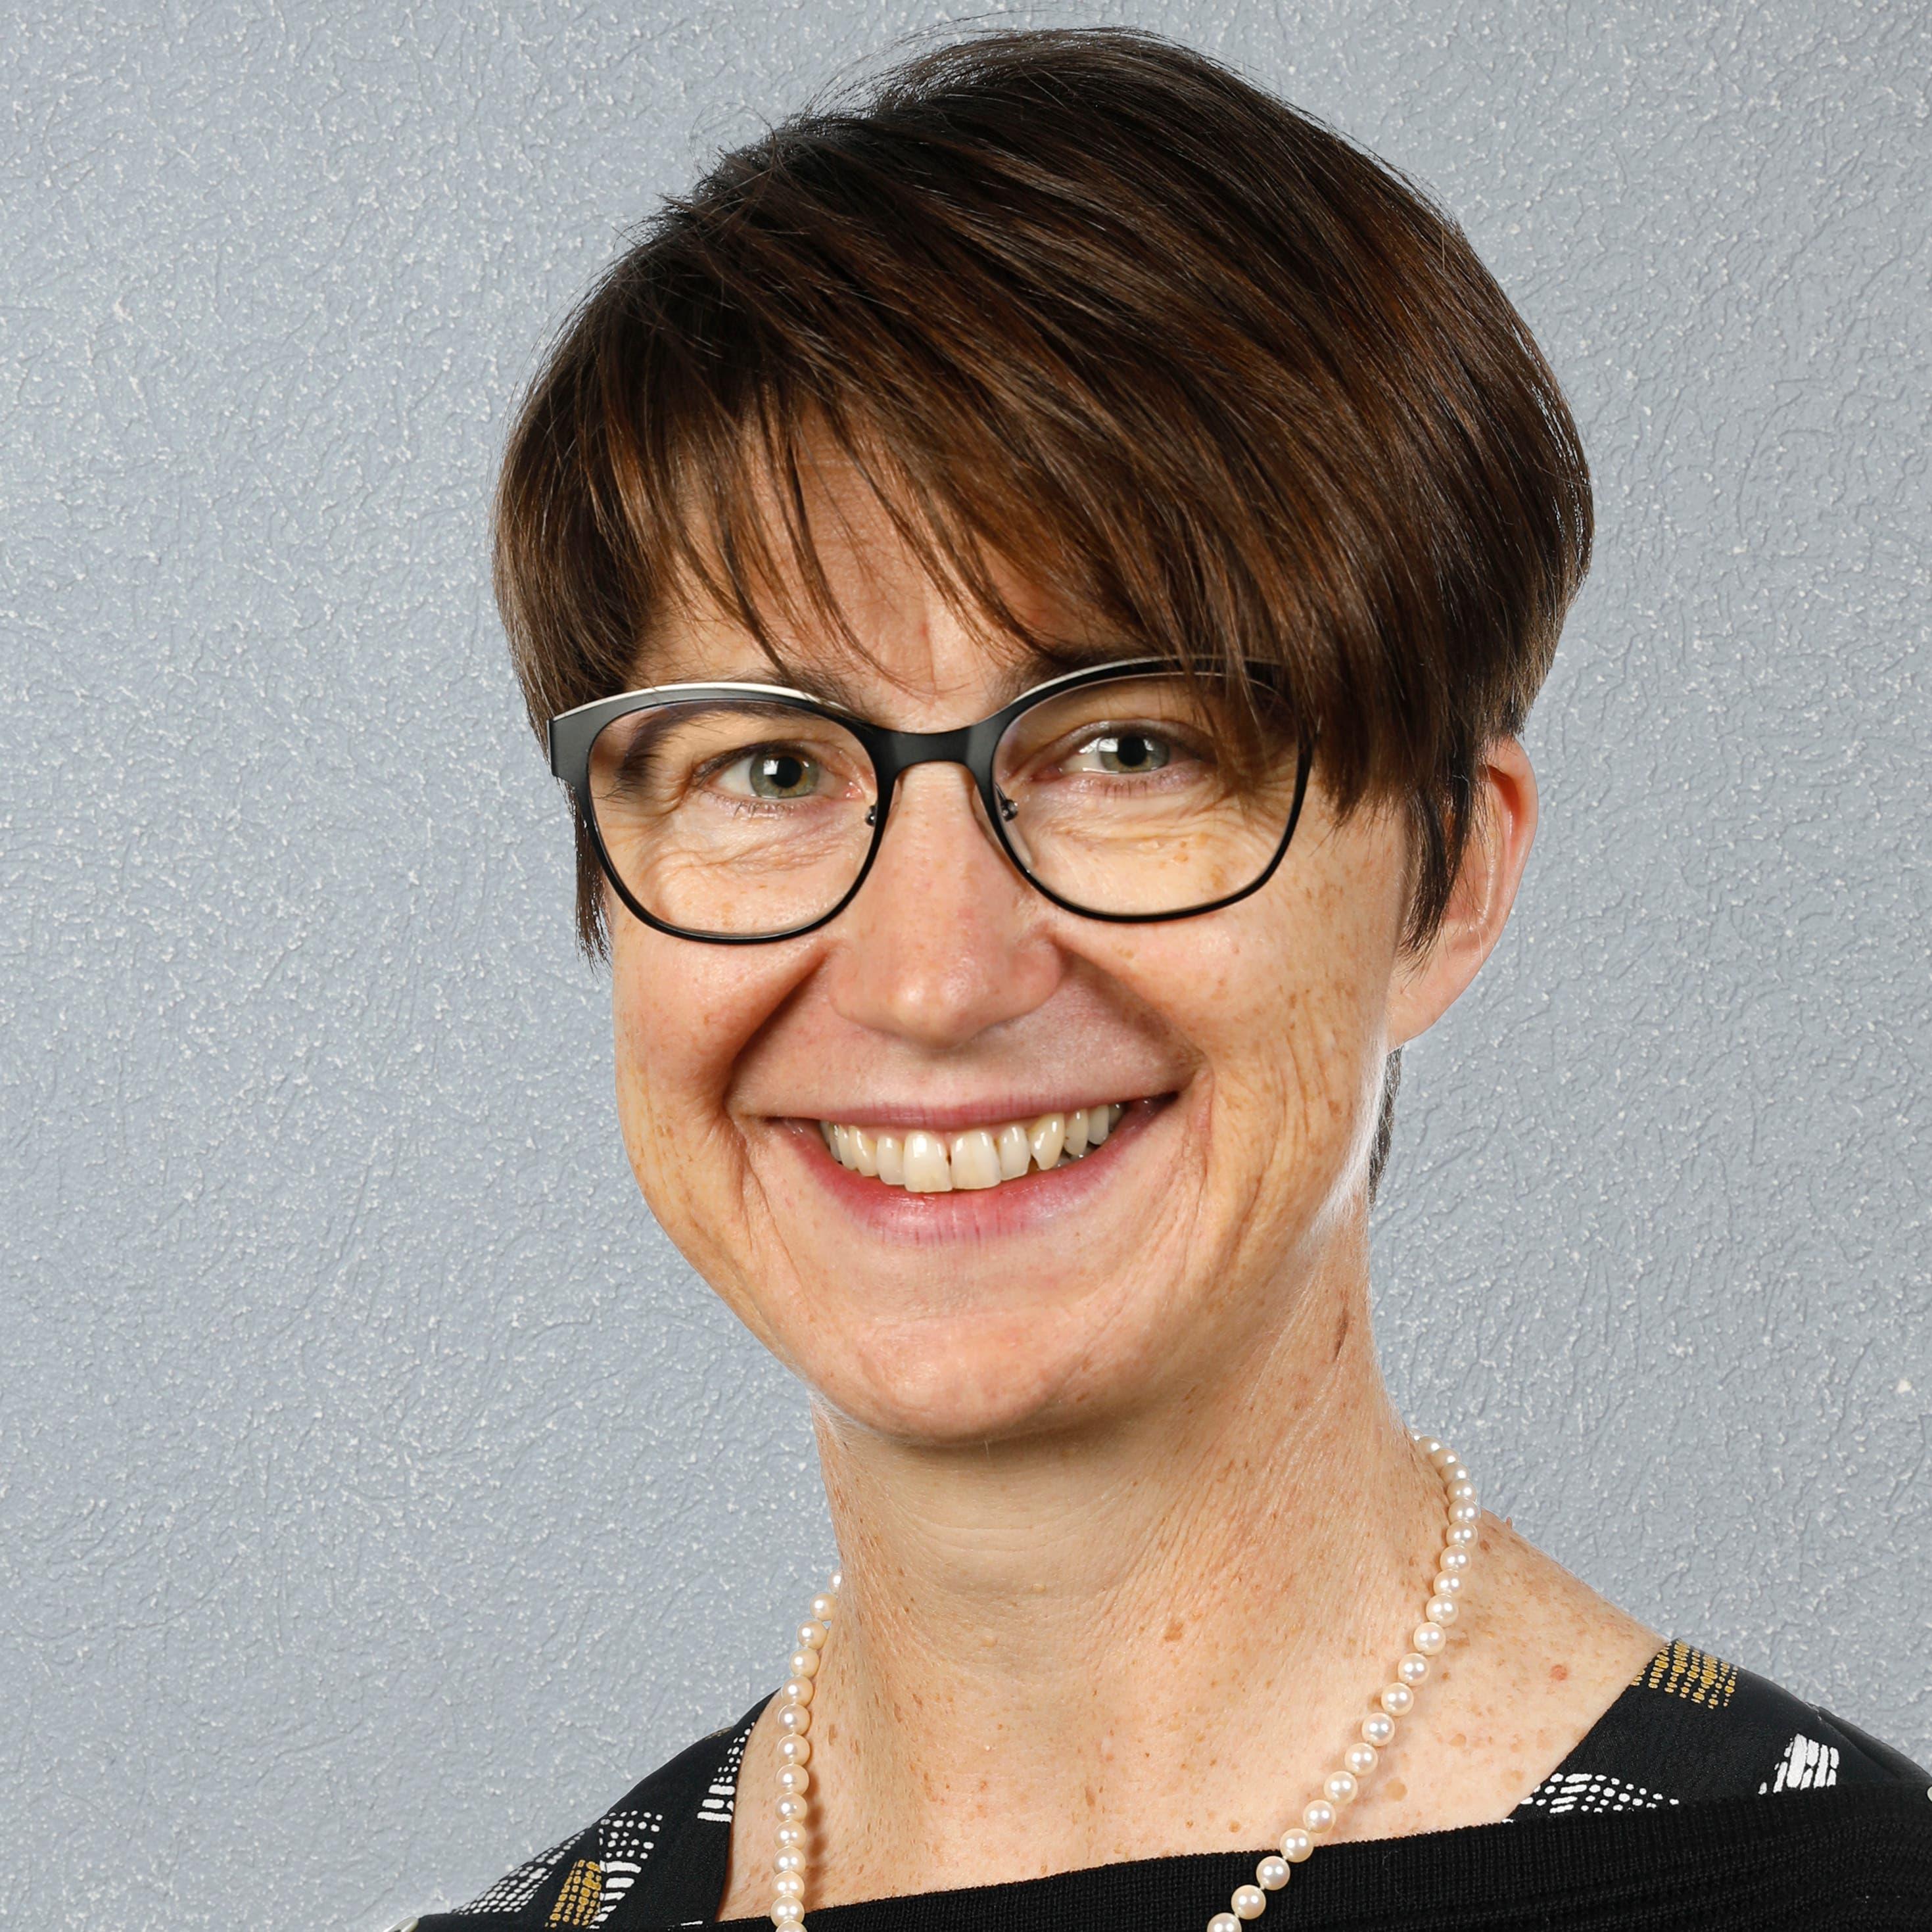 Gewählt: Gerda Jung, CVP (bisher), Ressort Soziales